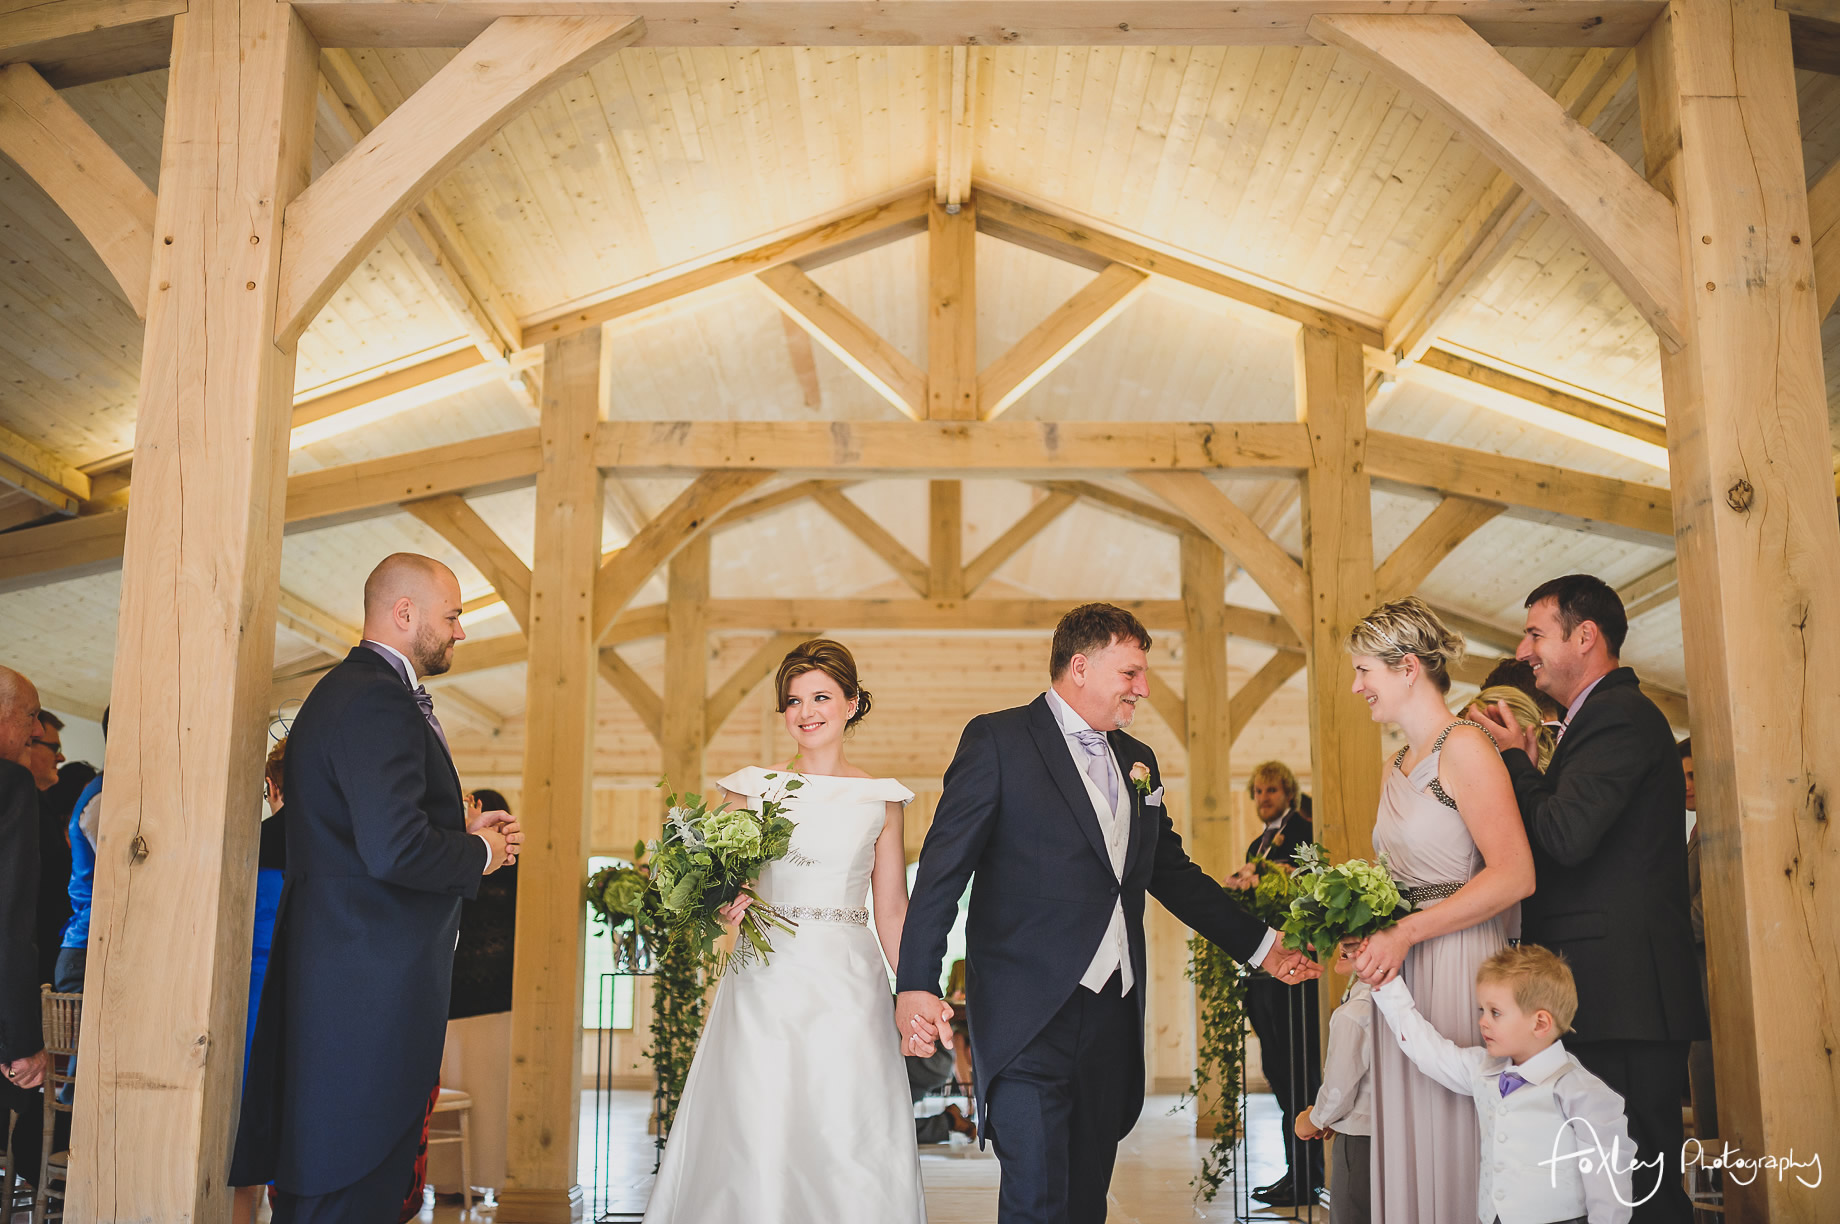 Simona-and-Robert-Wedding-at-Colshaw-Hall-108